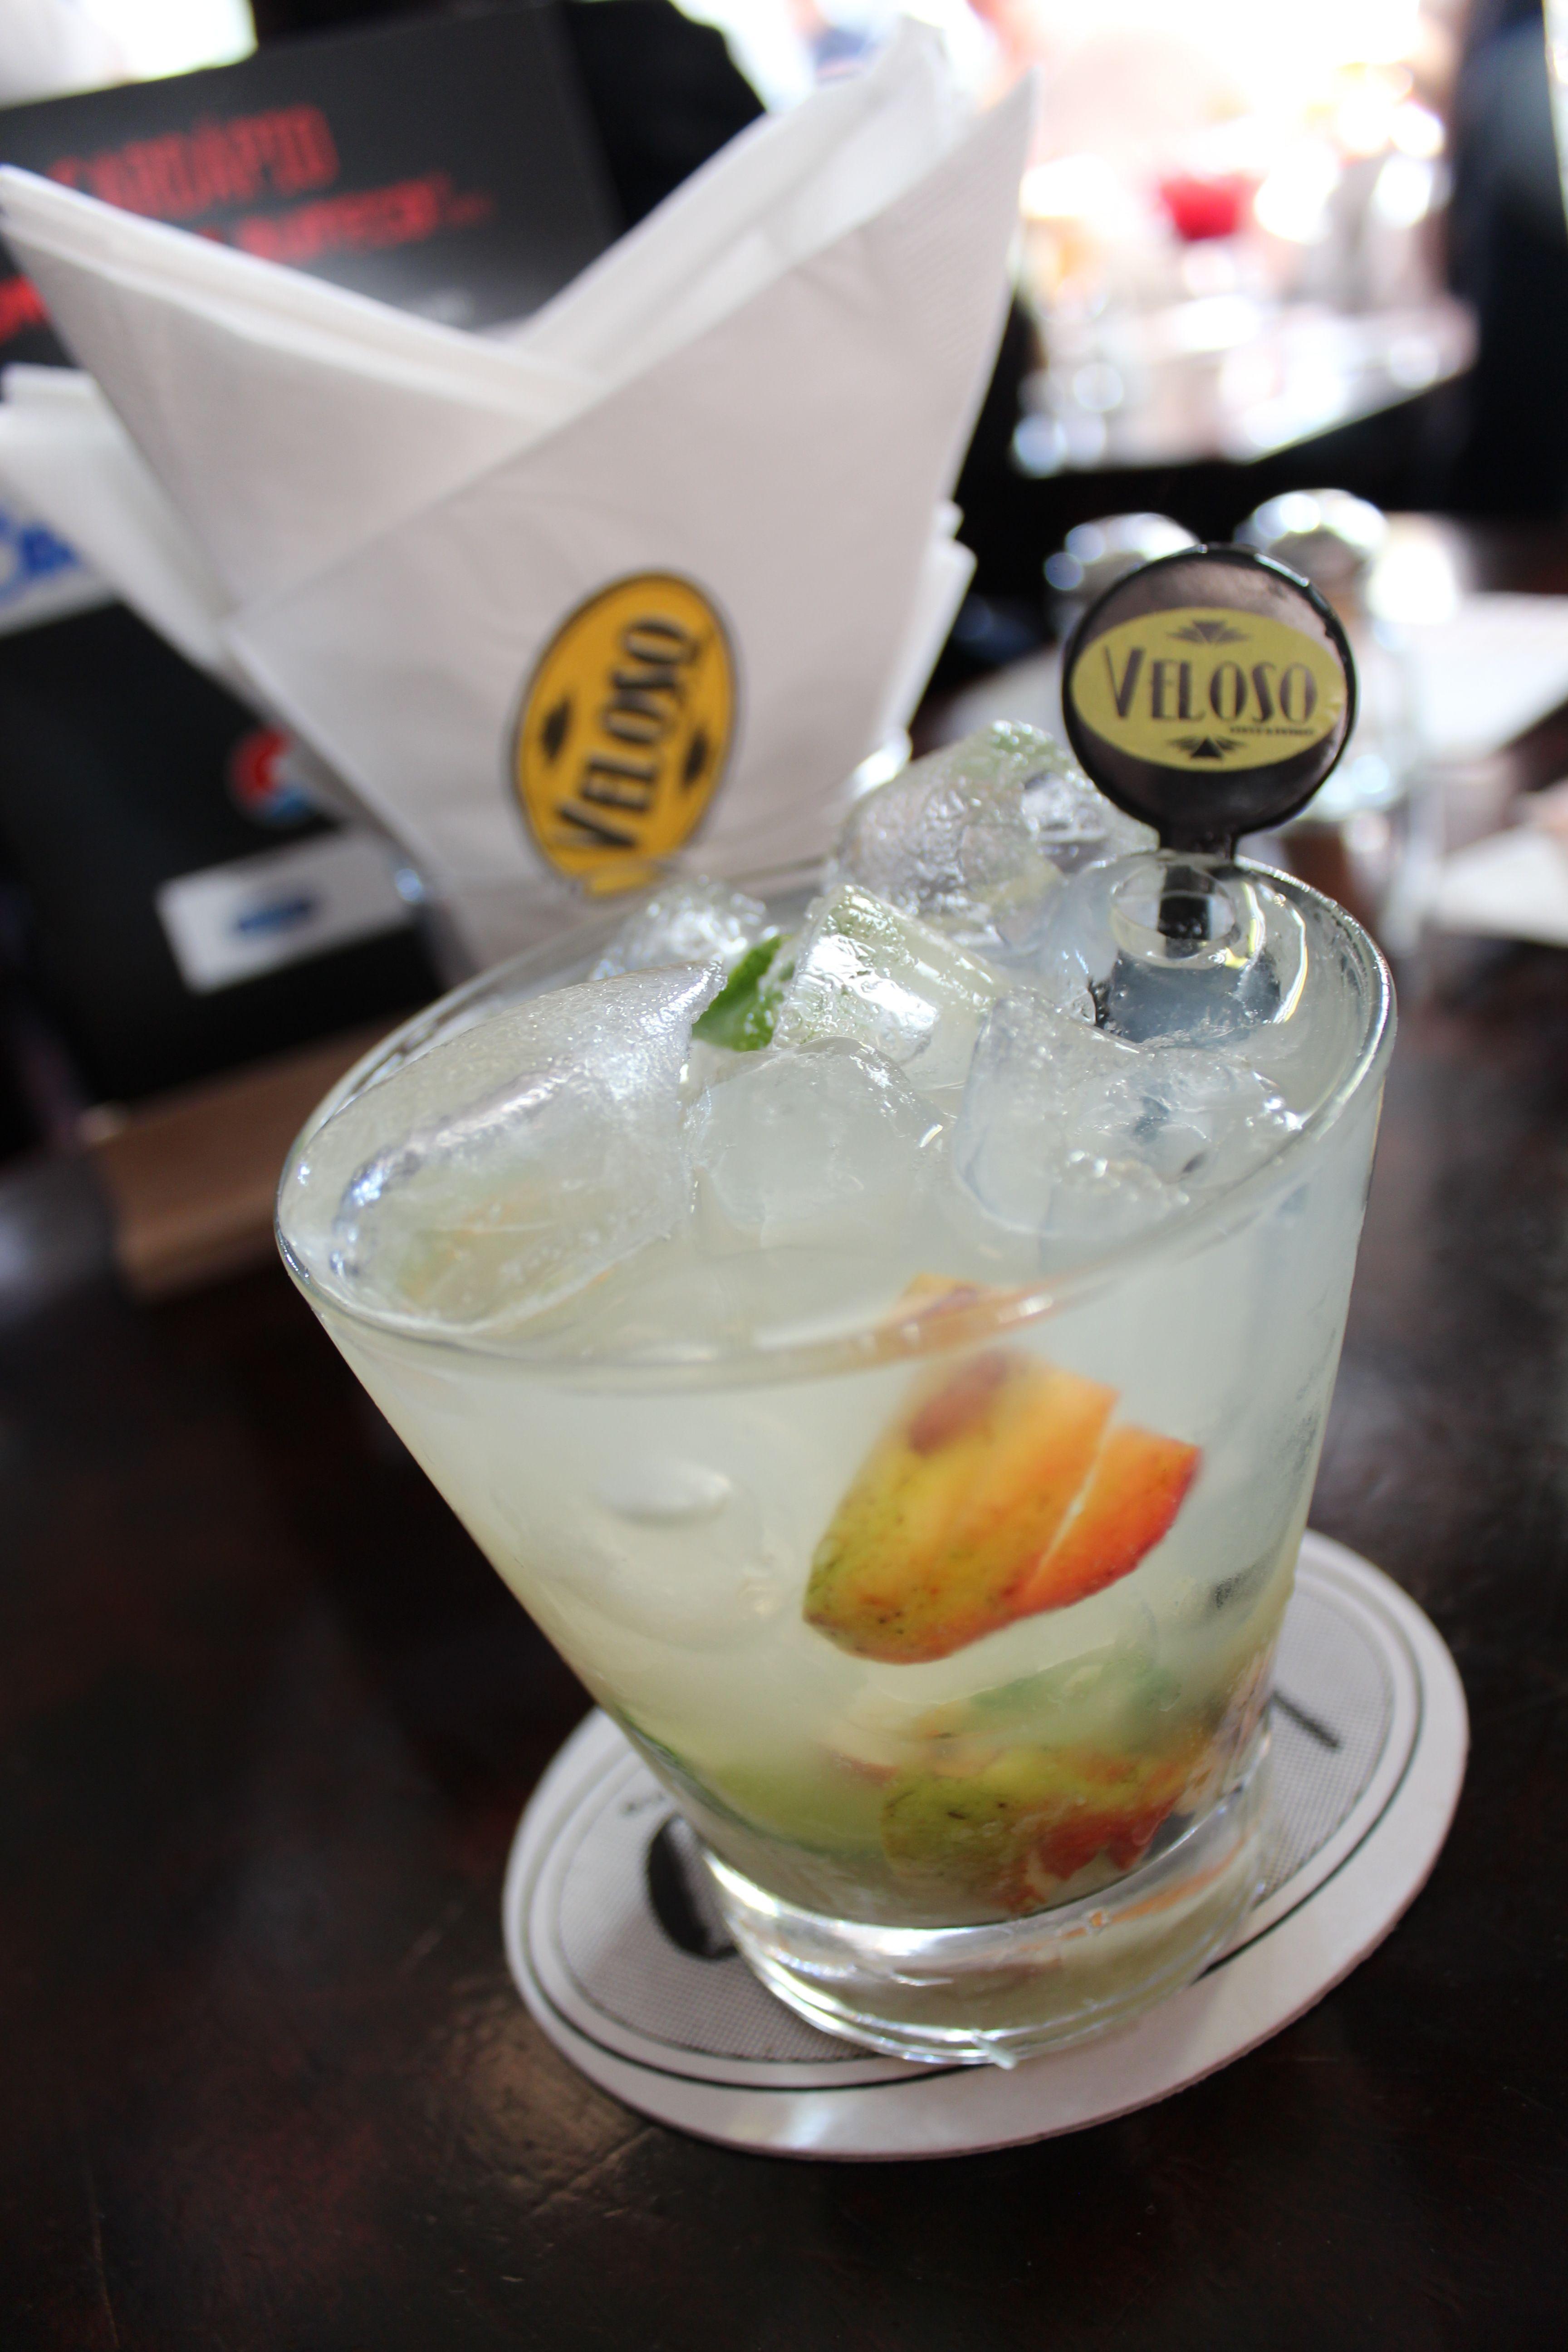 Caipirinha de Caju com Limão preparada pelo Barman Souza no Veloso na Vila Mariana em São Paulo-SP